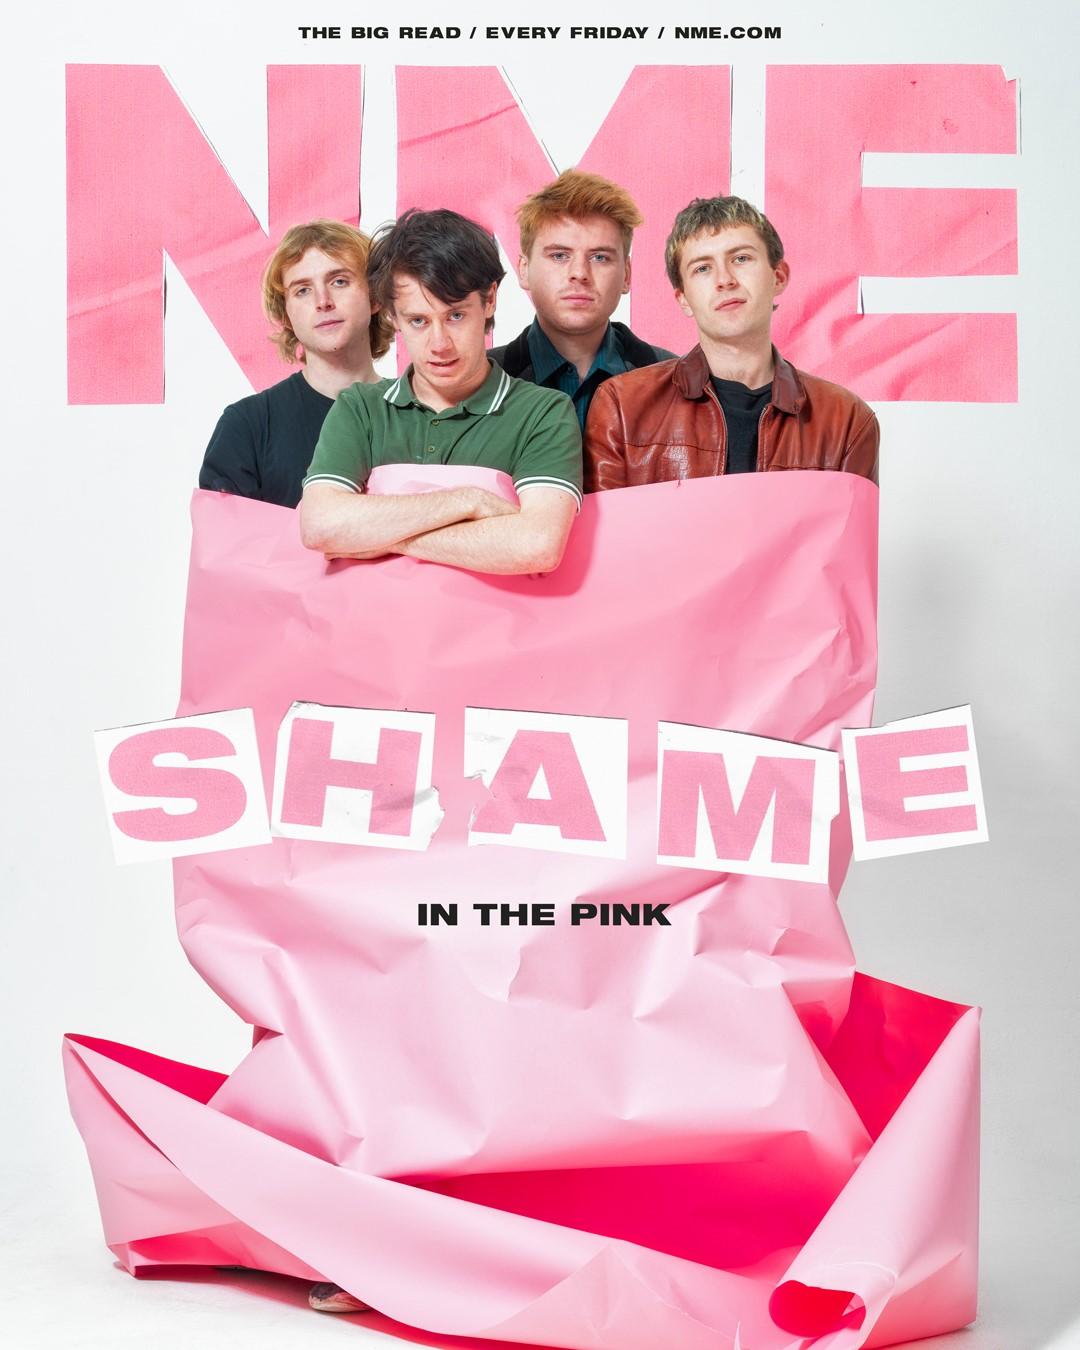 shame_nme.jpg